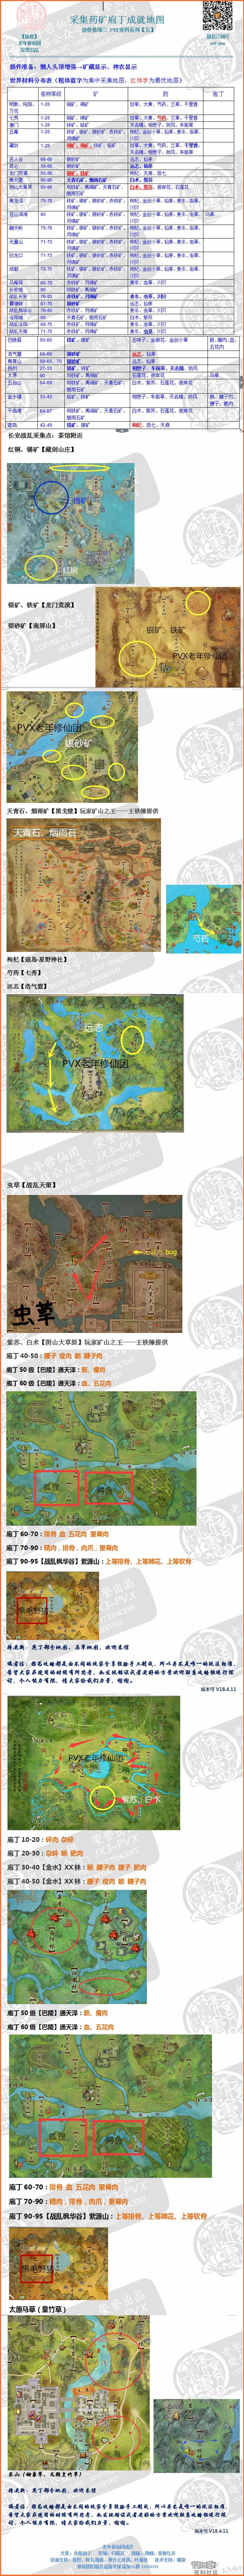 采集药矿庖丁成就地图V180412.jpg